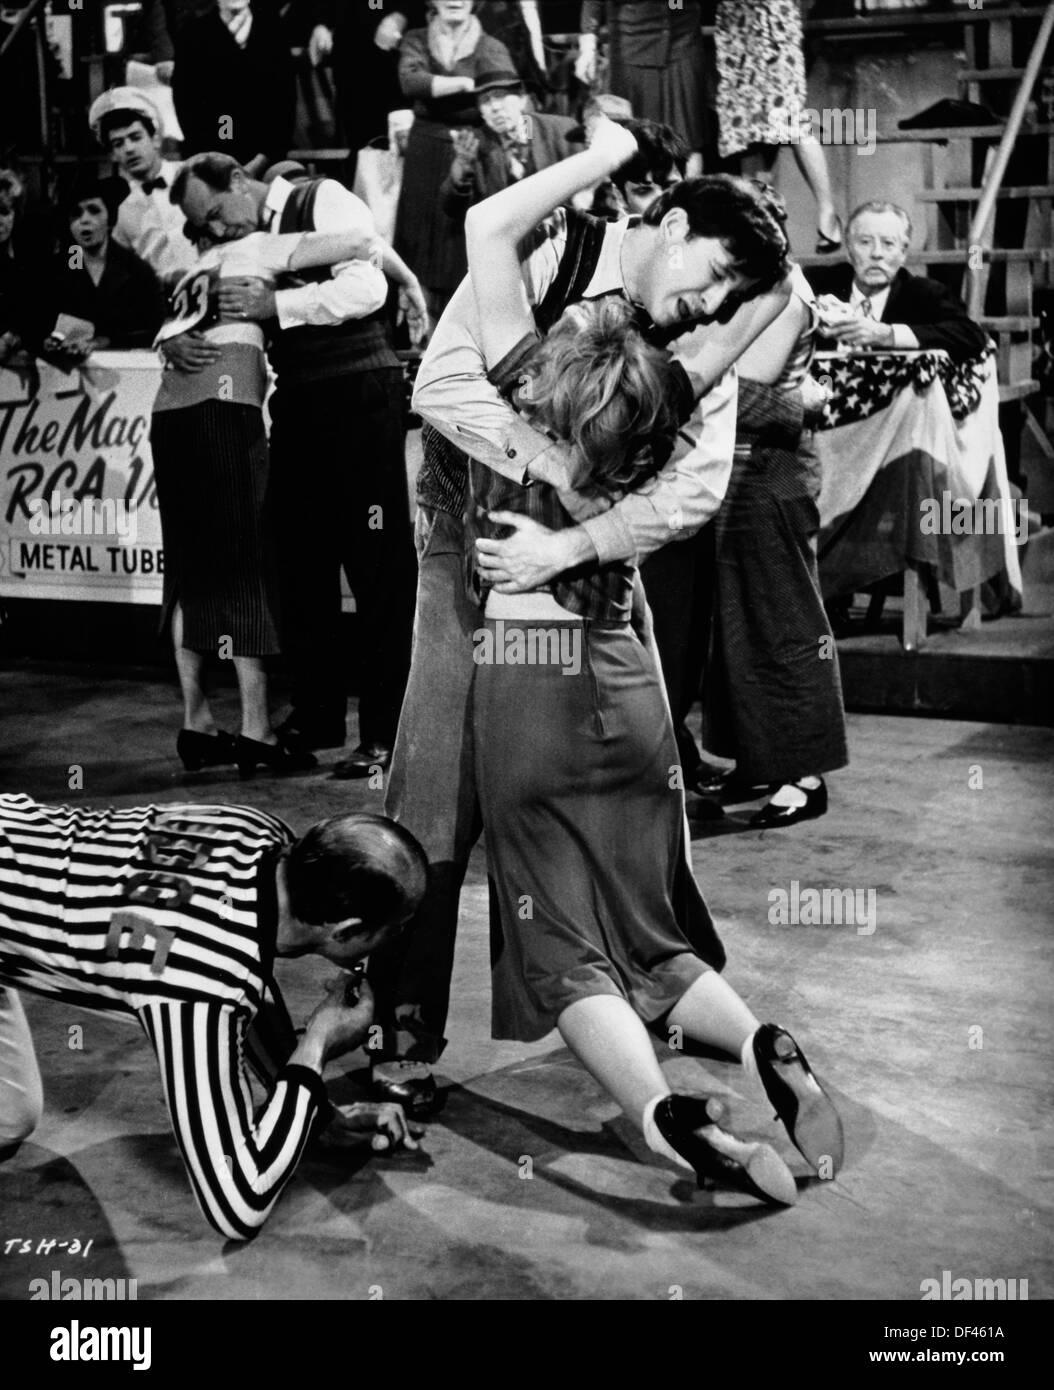 """Maratona scena dance, On-Set del film """"non si uccidono così anche i cavalli?"""", 1969 Immagini Stock"""